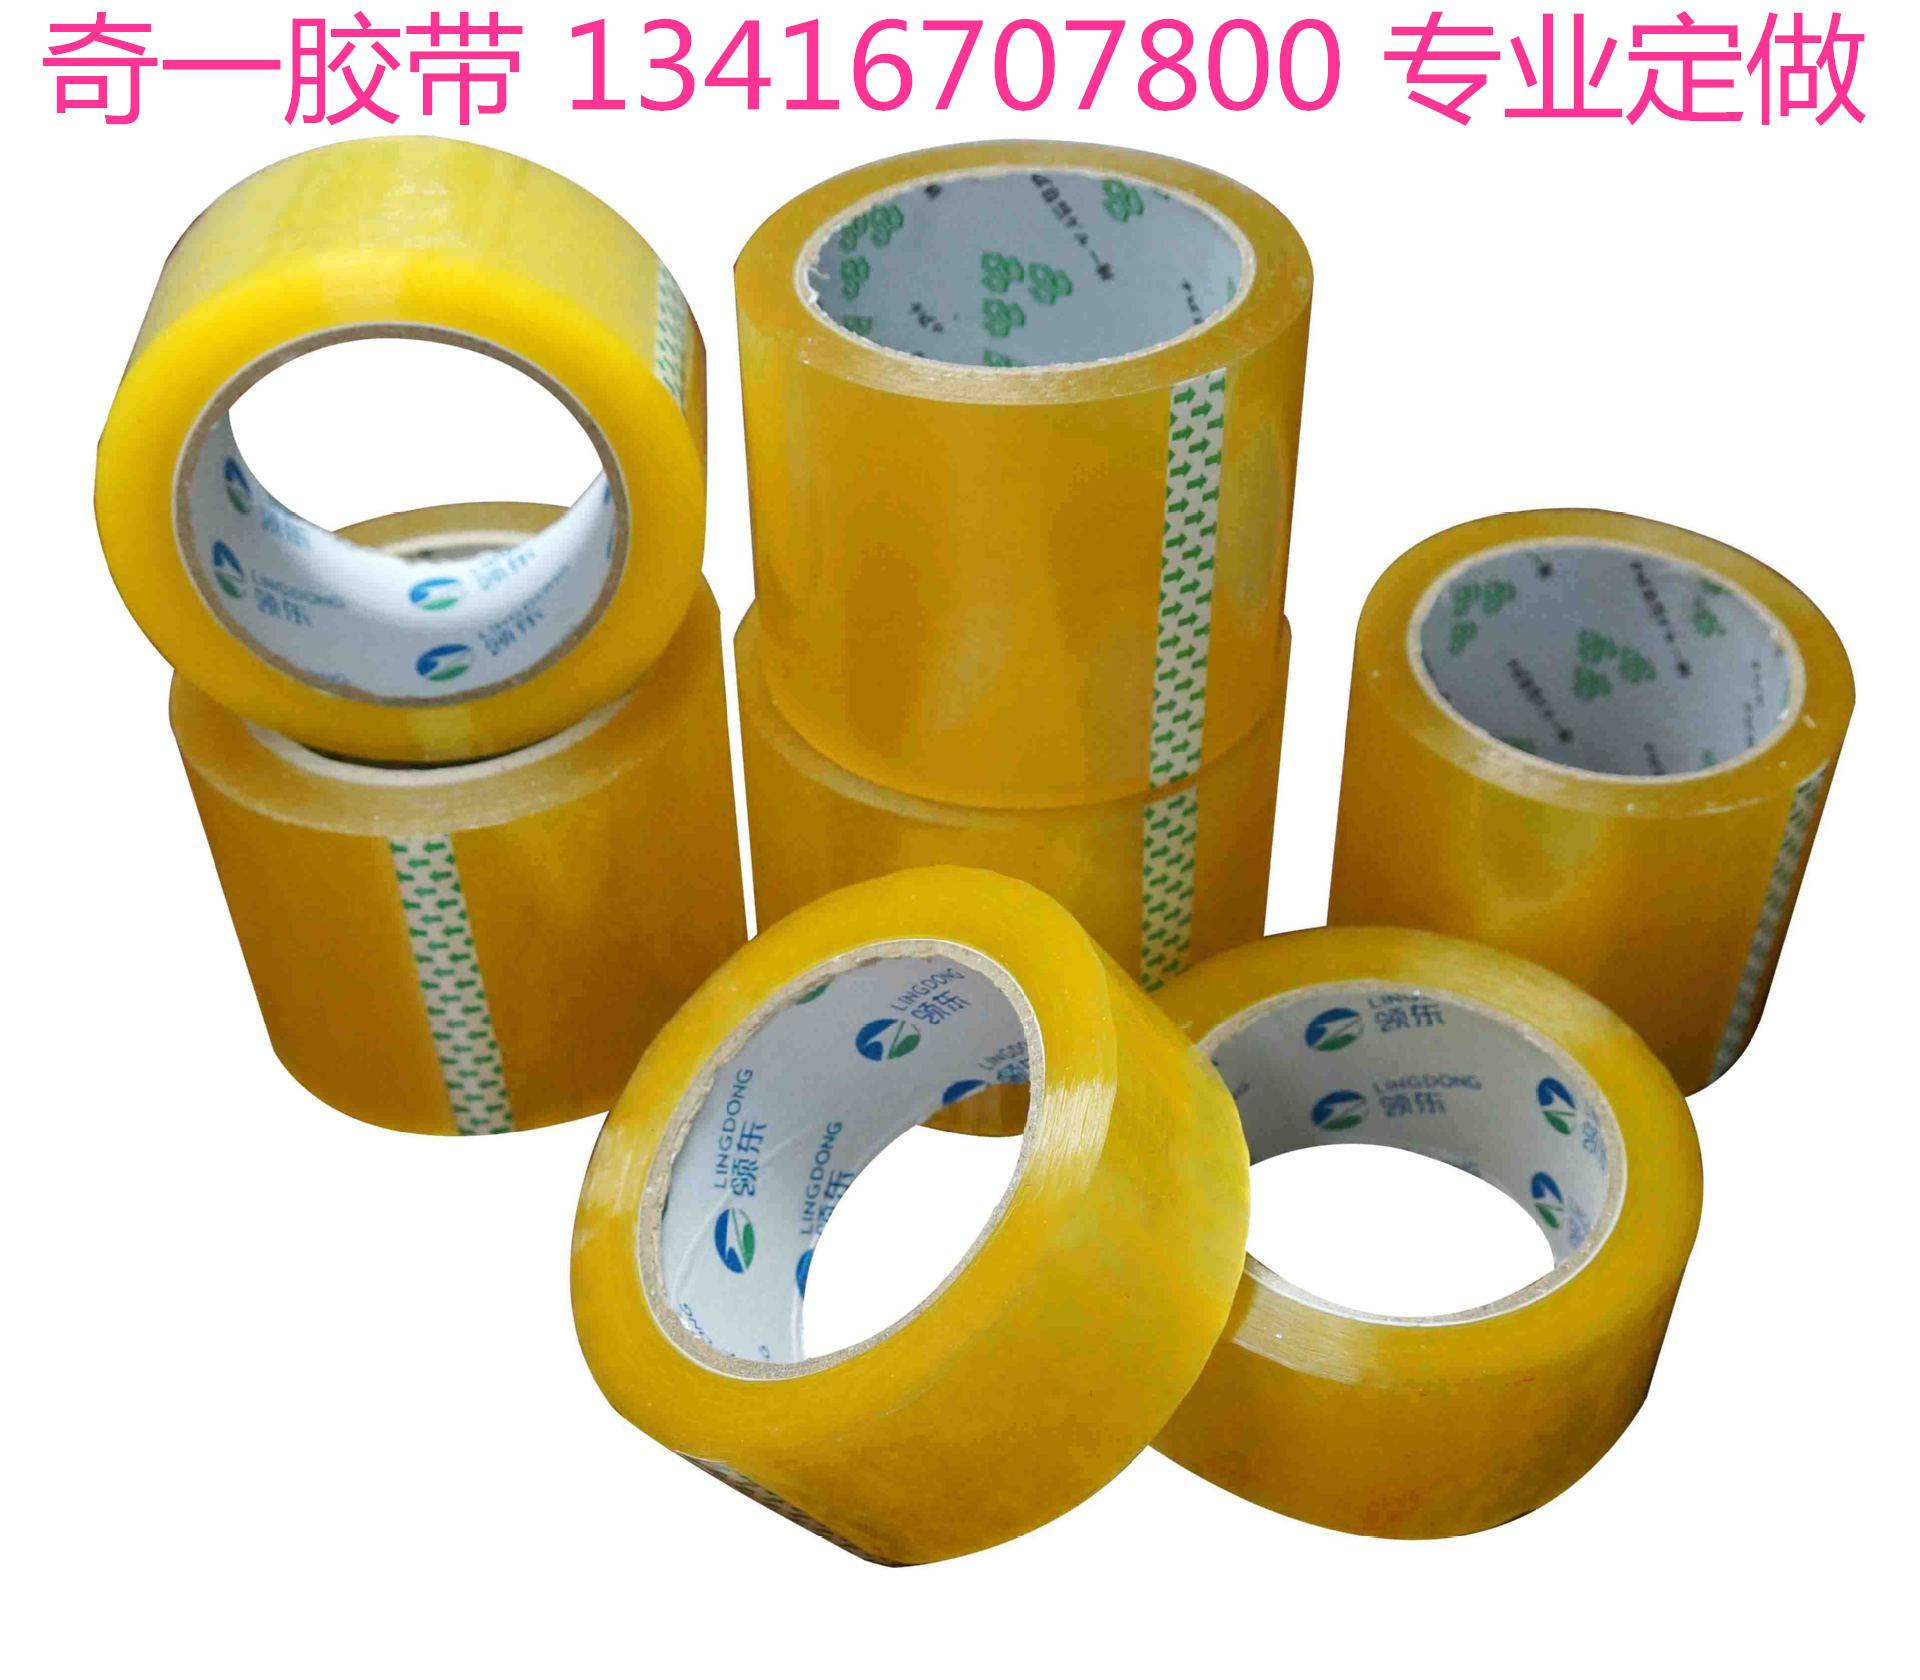 广东优质印刷封箱胶带厂家 高粘环保封箱胶带供应商 专业定制各种规格封箱胶带批发价格